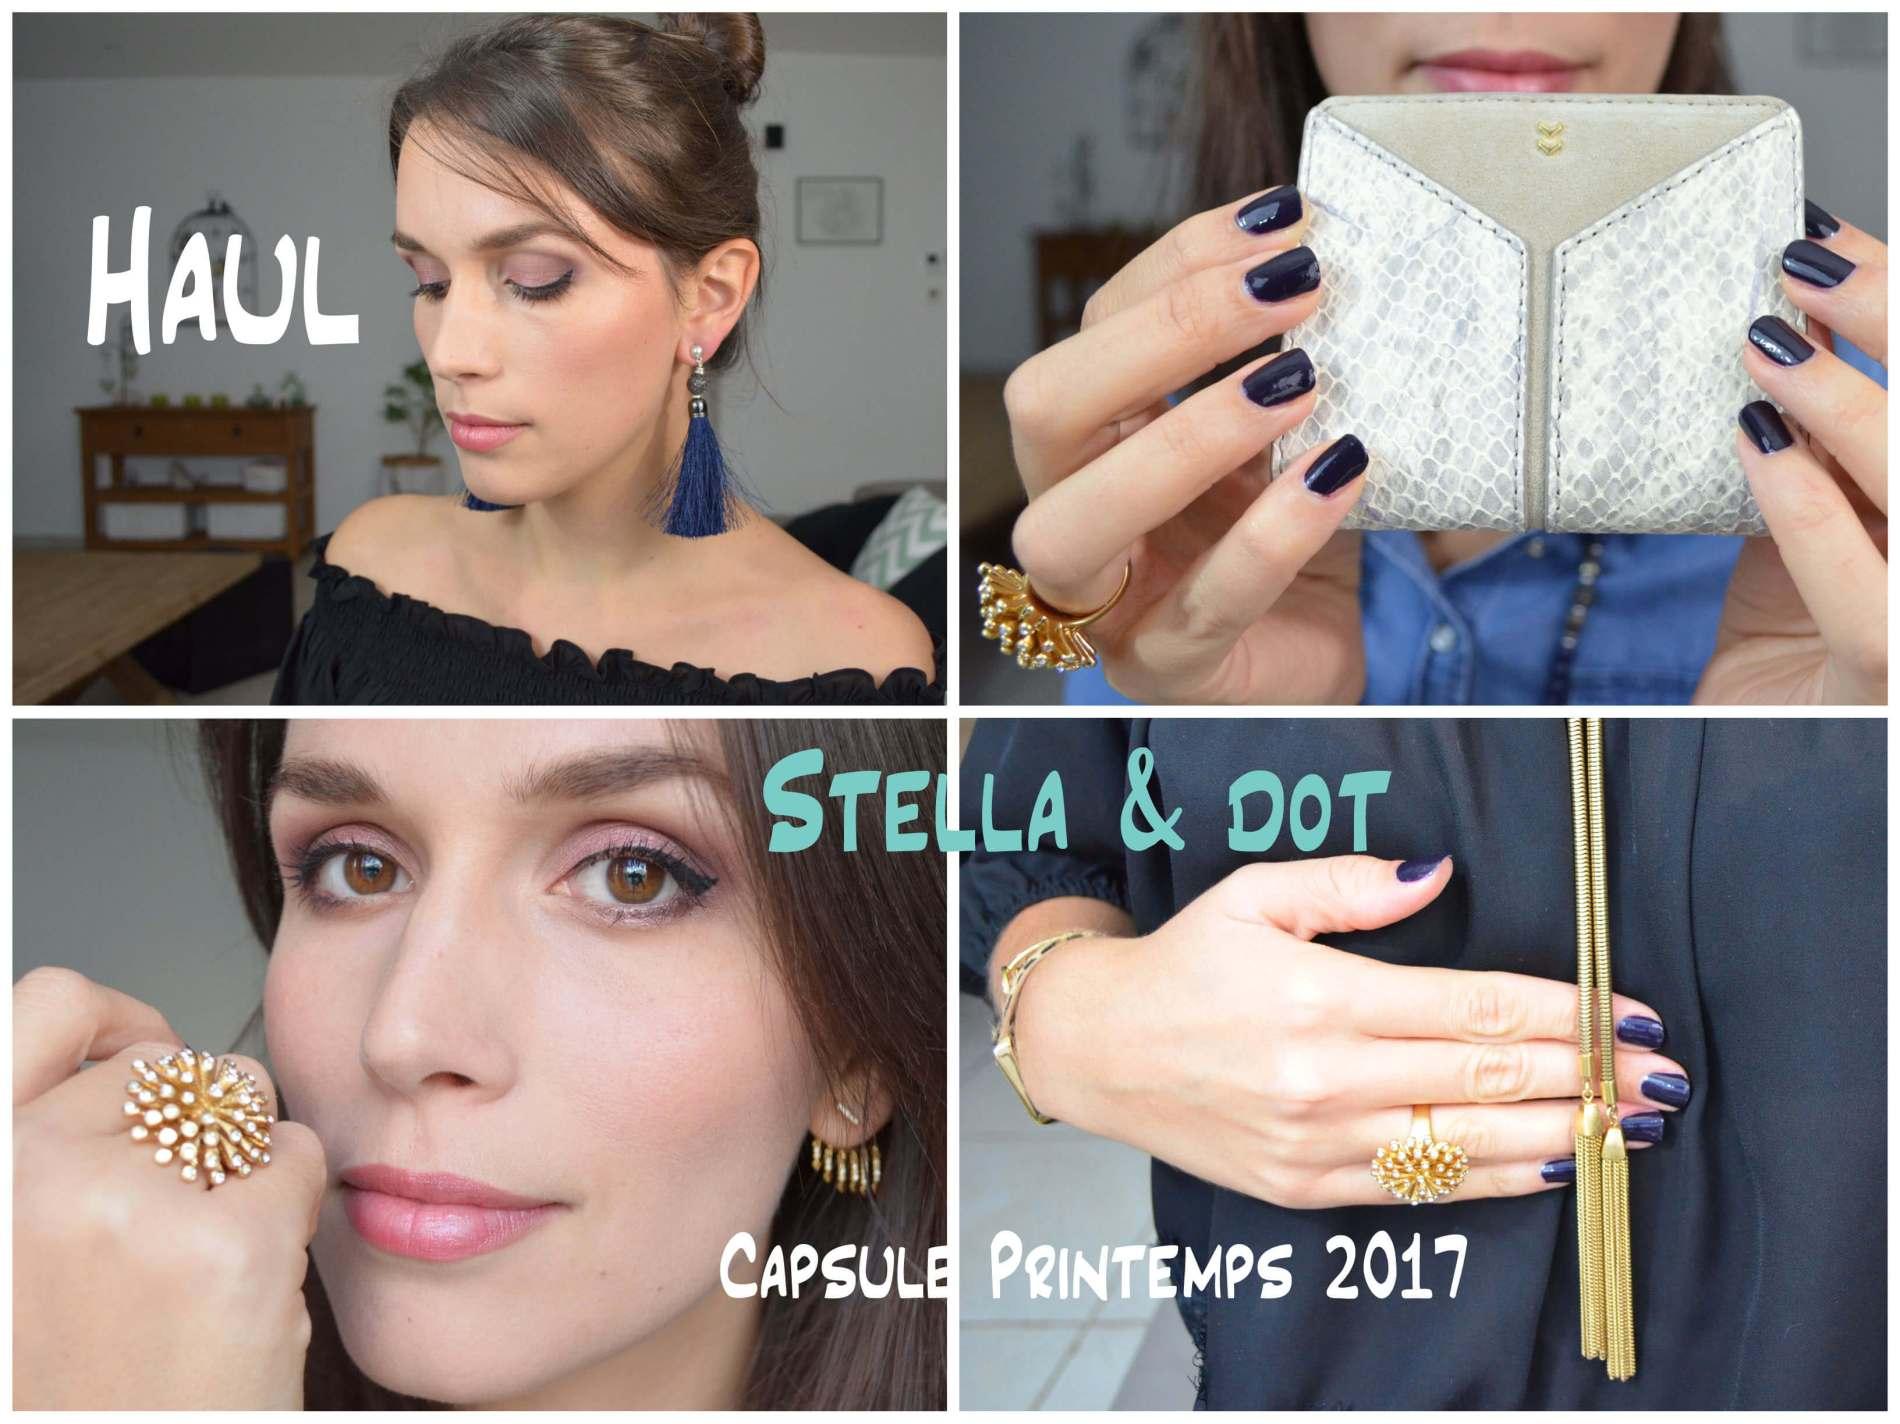 capsule printemps 2017 Stella & dot